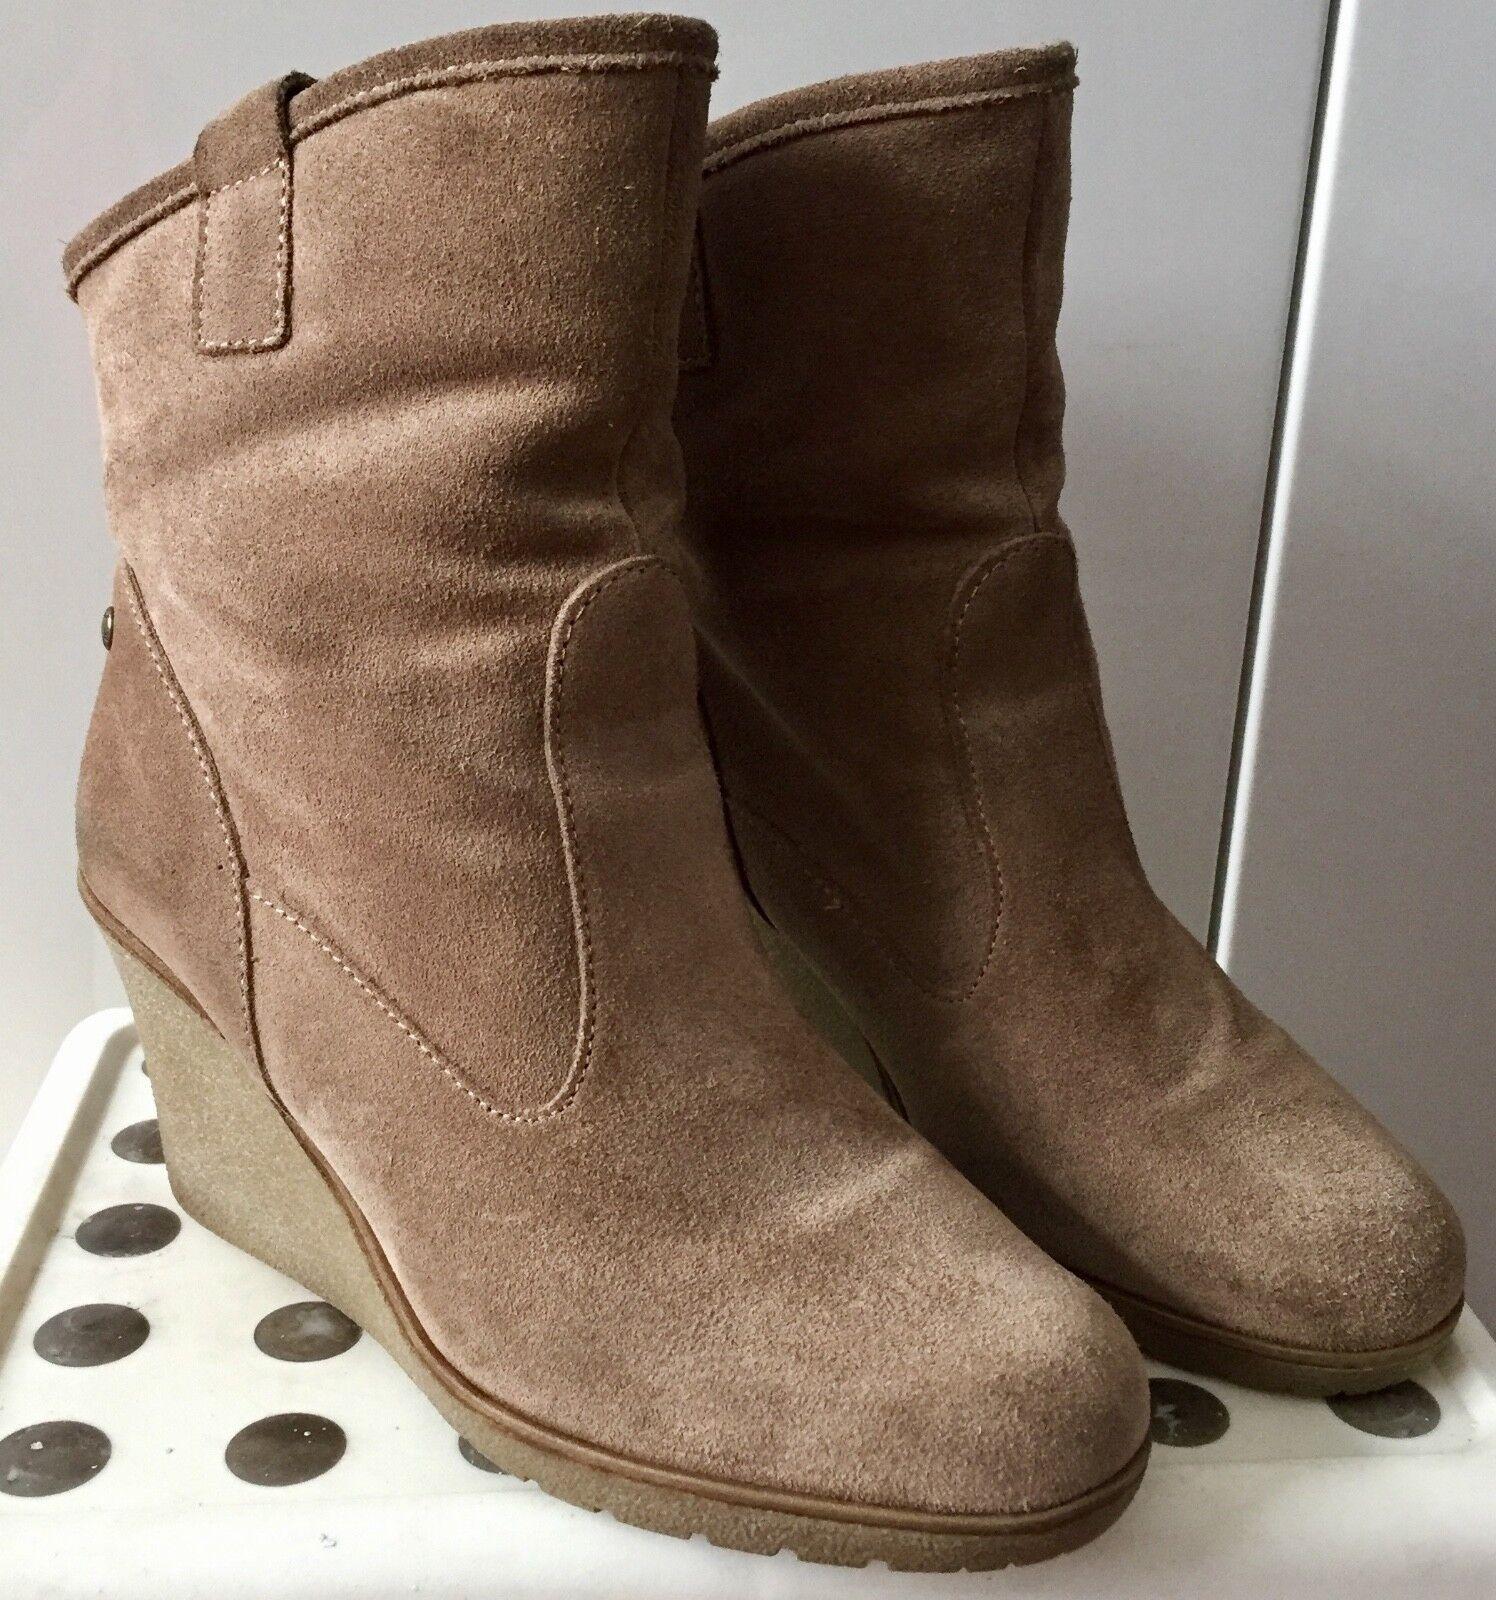 Mexx -  - Winter Stiefel mit Keilabsatz und Fell - Mexx echtes Veloursleder, Gr. 39 b6c5b2